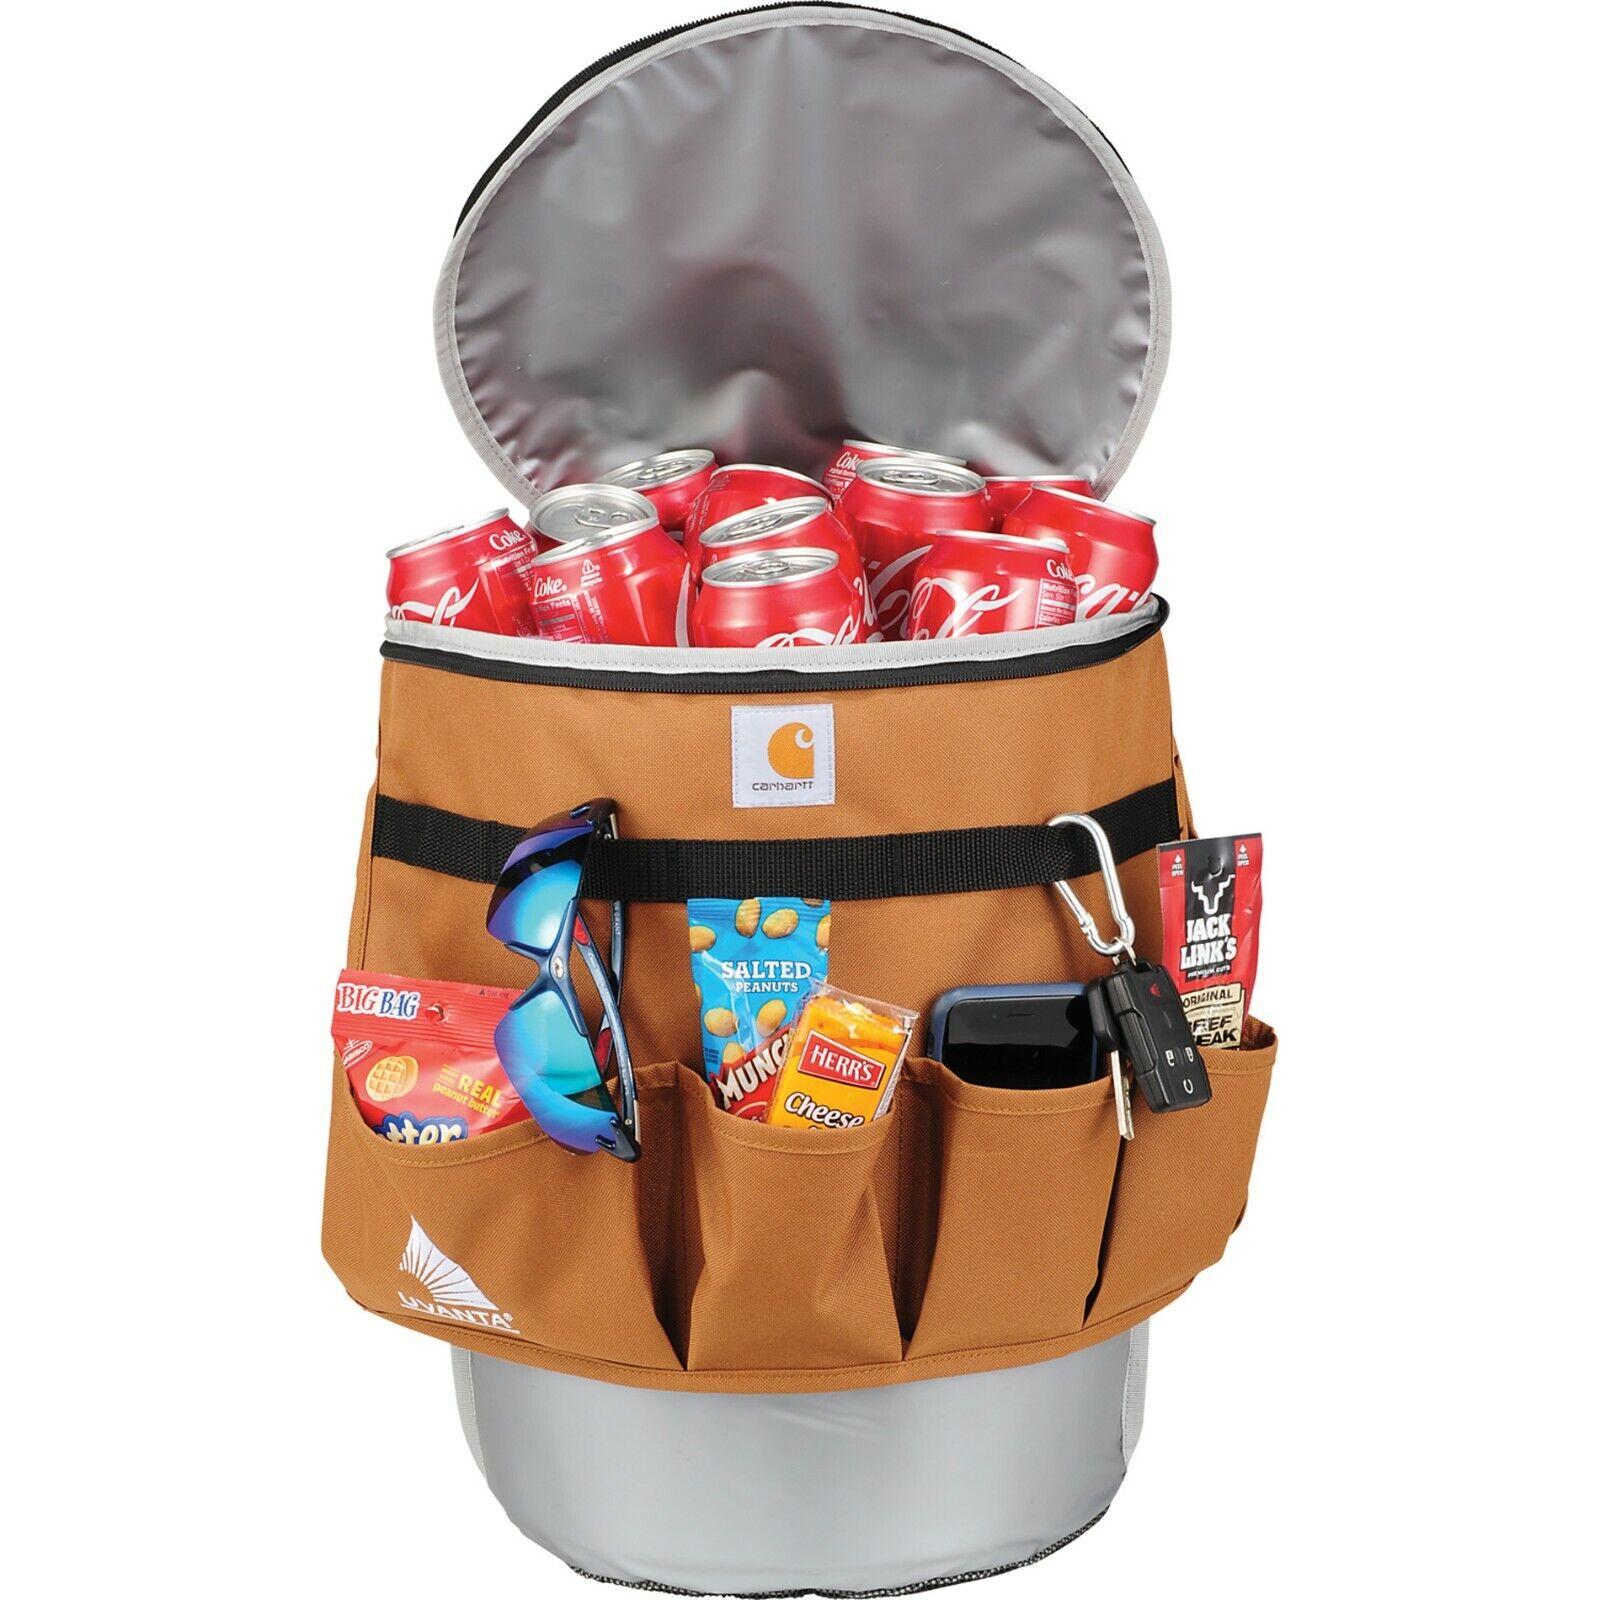 Carhartt® 5 Gallon Bucket sturdy 24 can Cooler